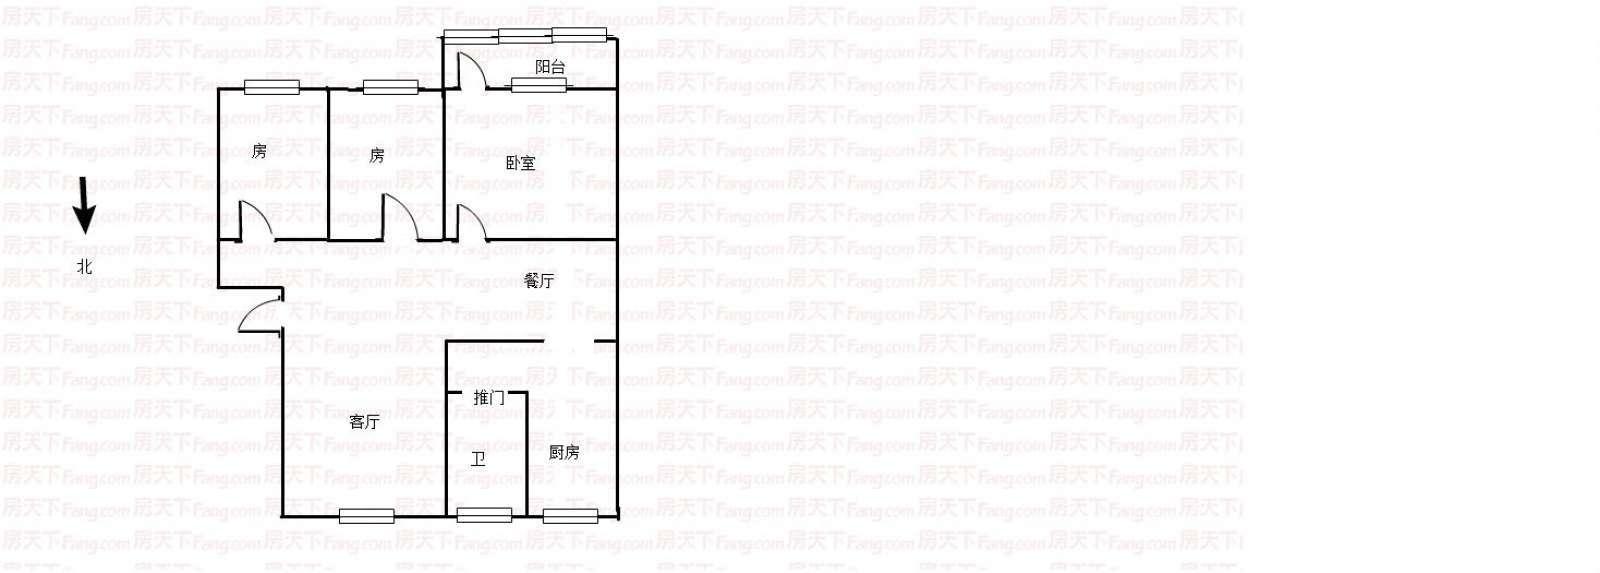 昌平花园 3室2厅95㎡